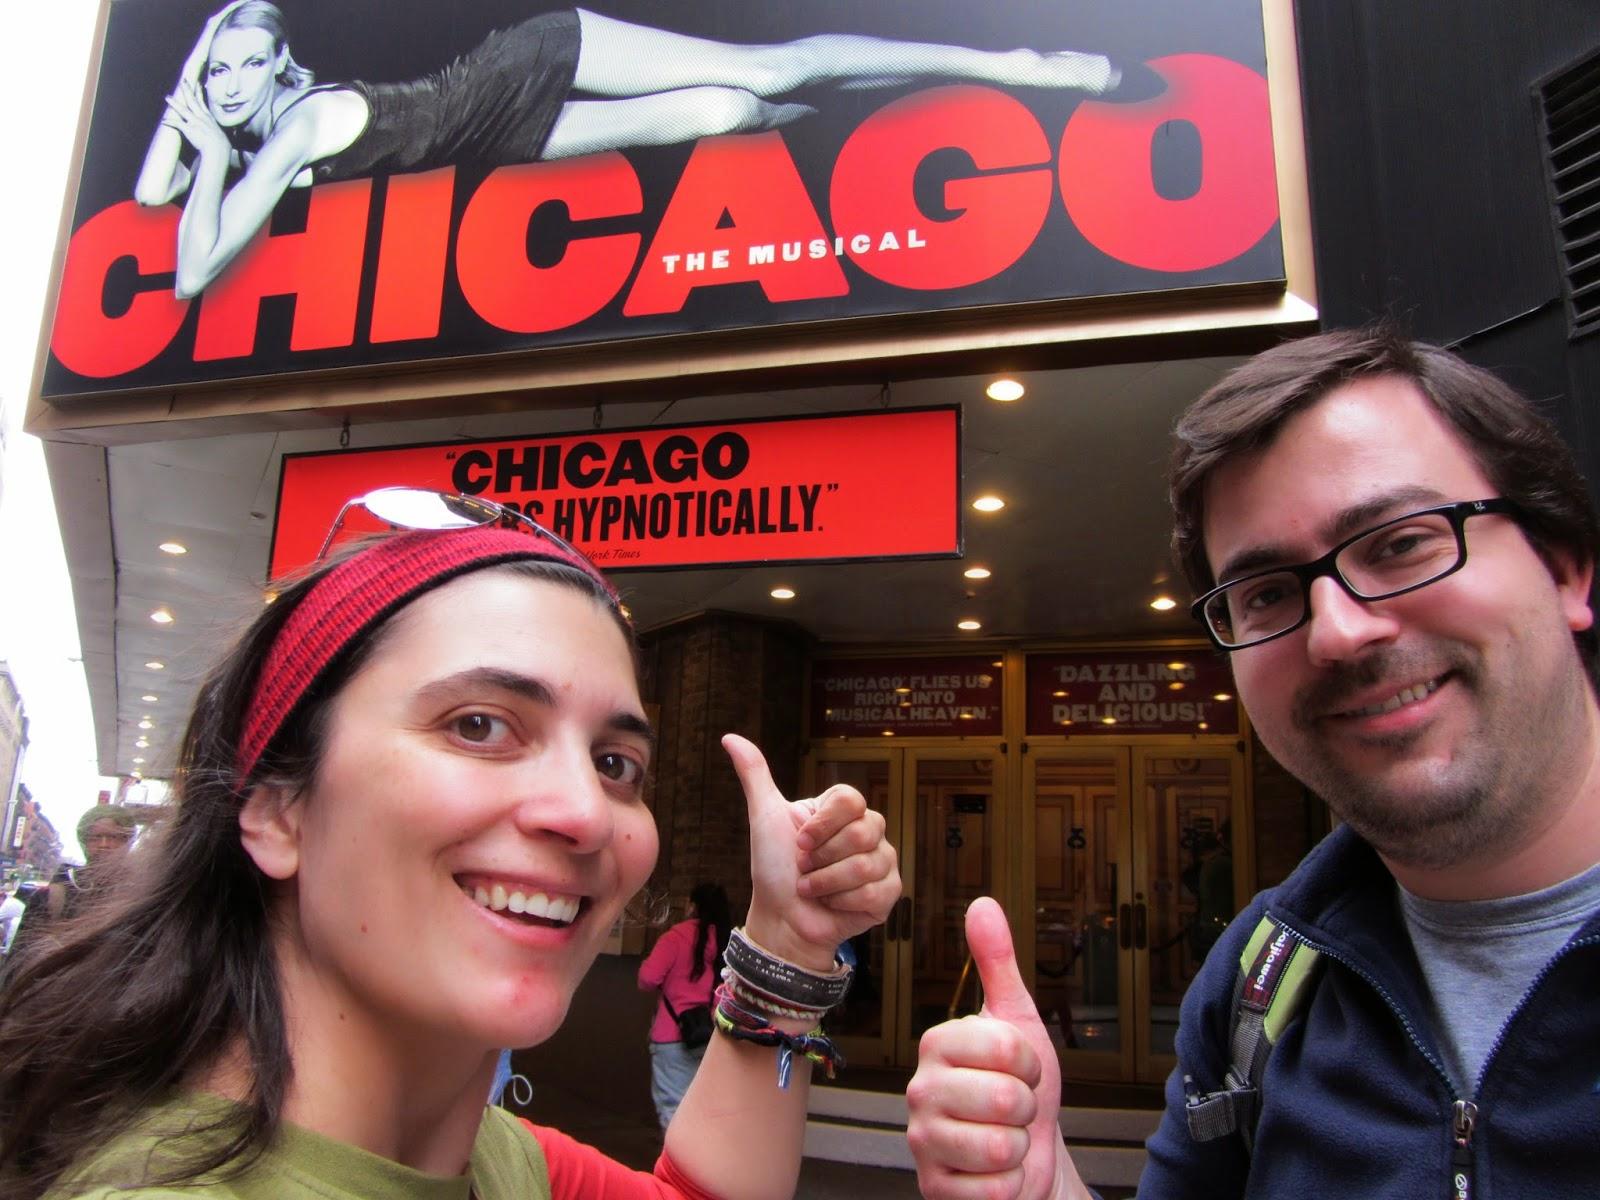 Ver um MUSICAL NA BROADWAY - Chicago, um musical da Broadway | EUA